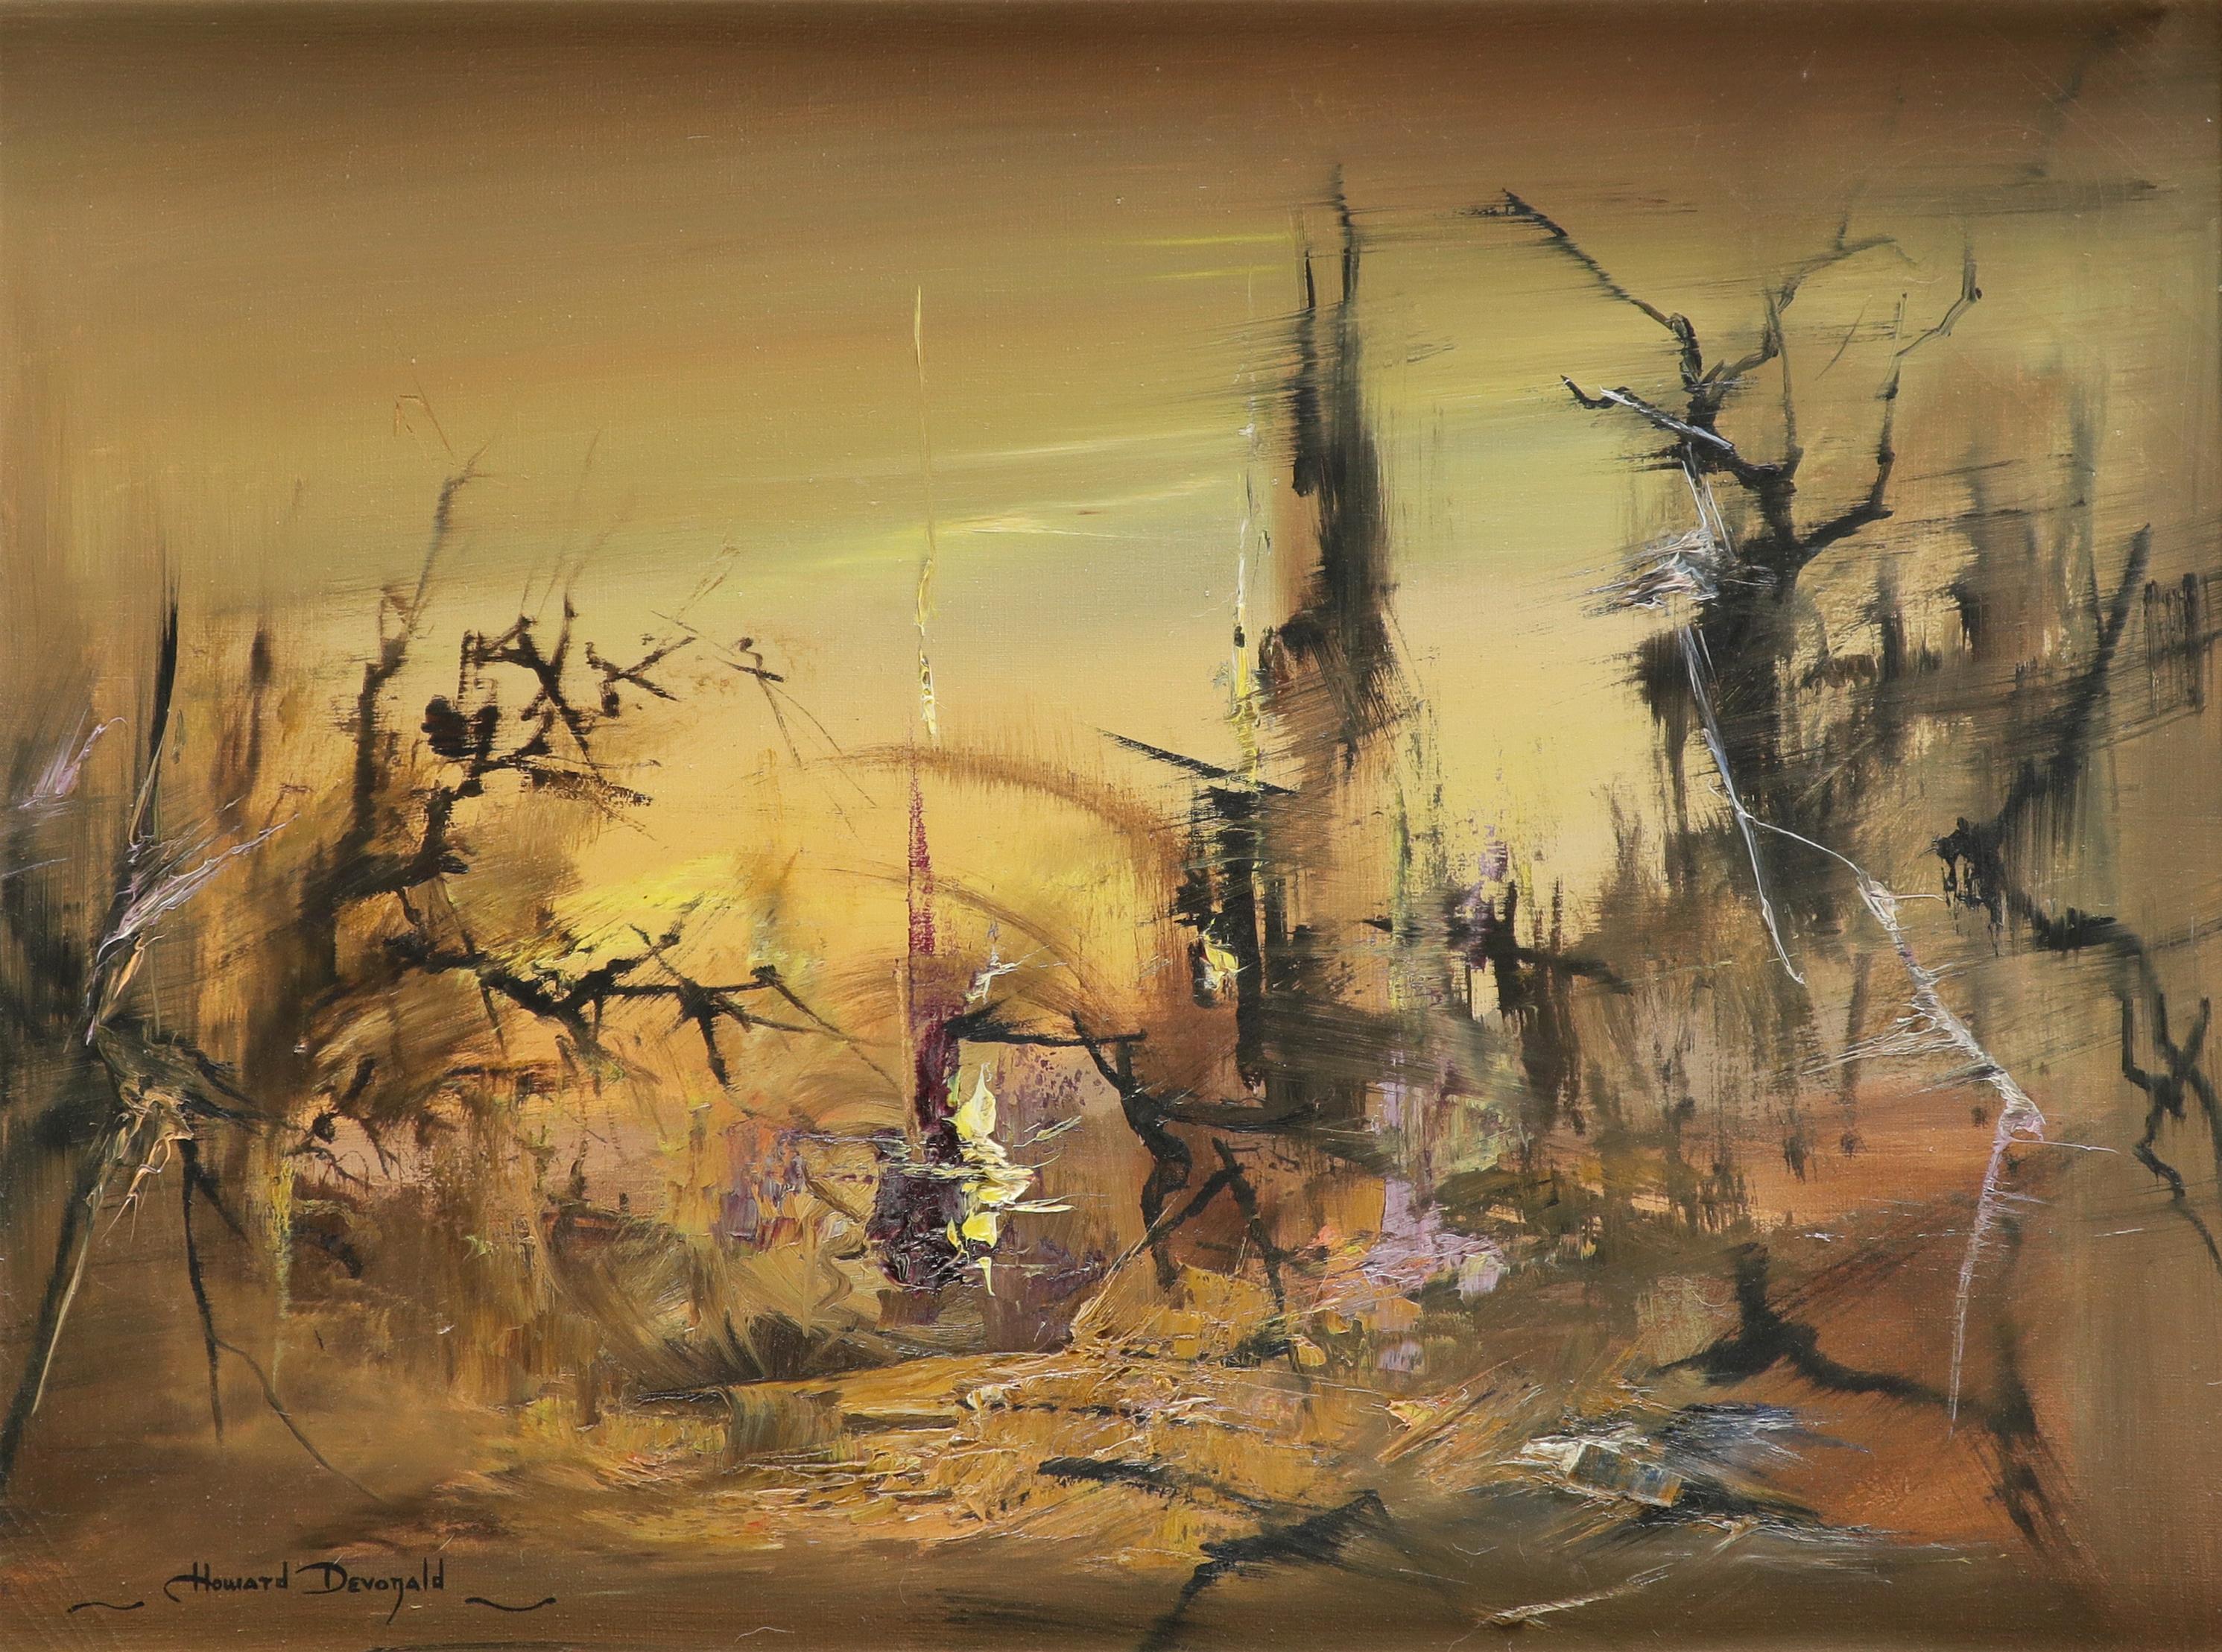 ‡Howard Devonald (20th Century) Landscape at dawn Signed Howard Devonald (lower left) Oil on